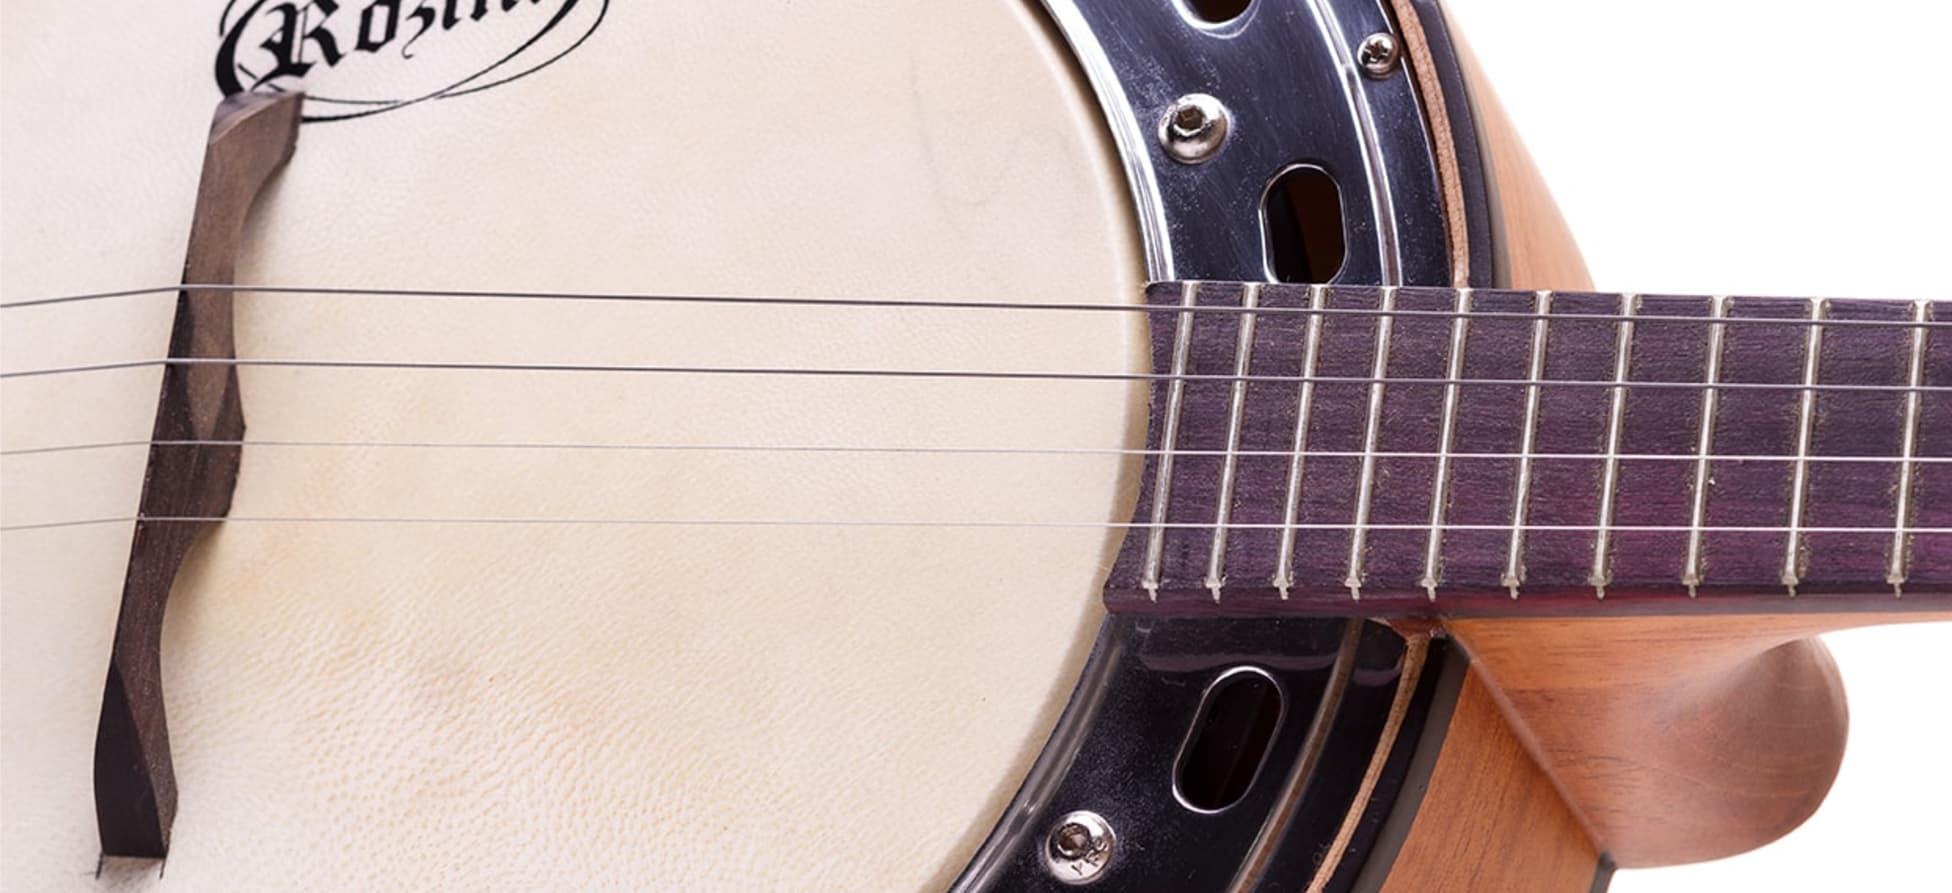 BANJO ESTUDANTE CAIXA LARGA | RJ14.EL.F.M - Banjos Elétricos | Rozini Instrumentos Musicais | 100% Brasileira